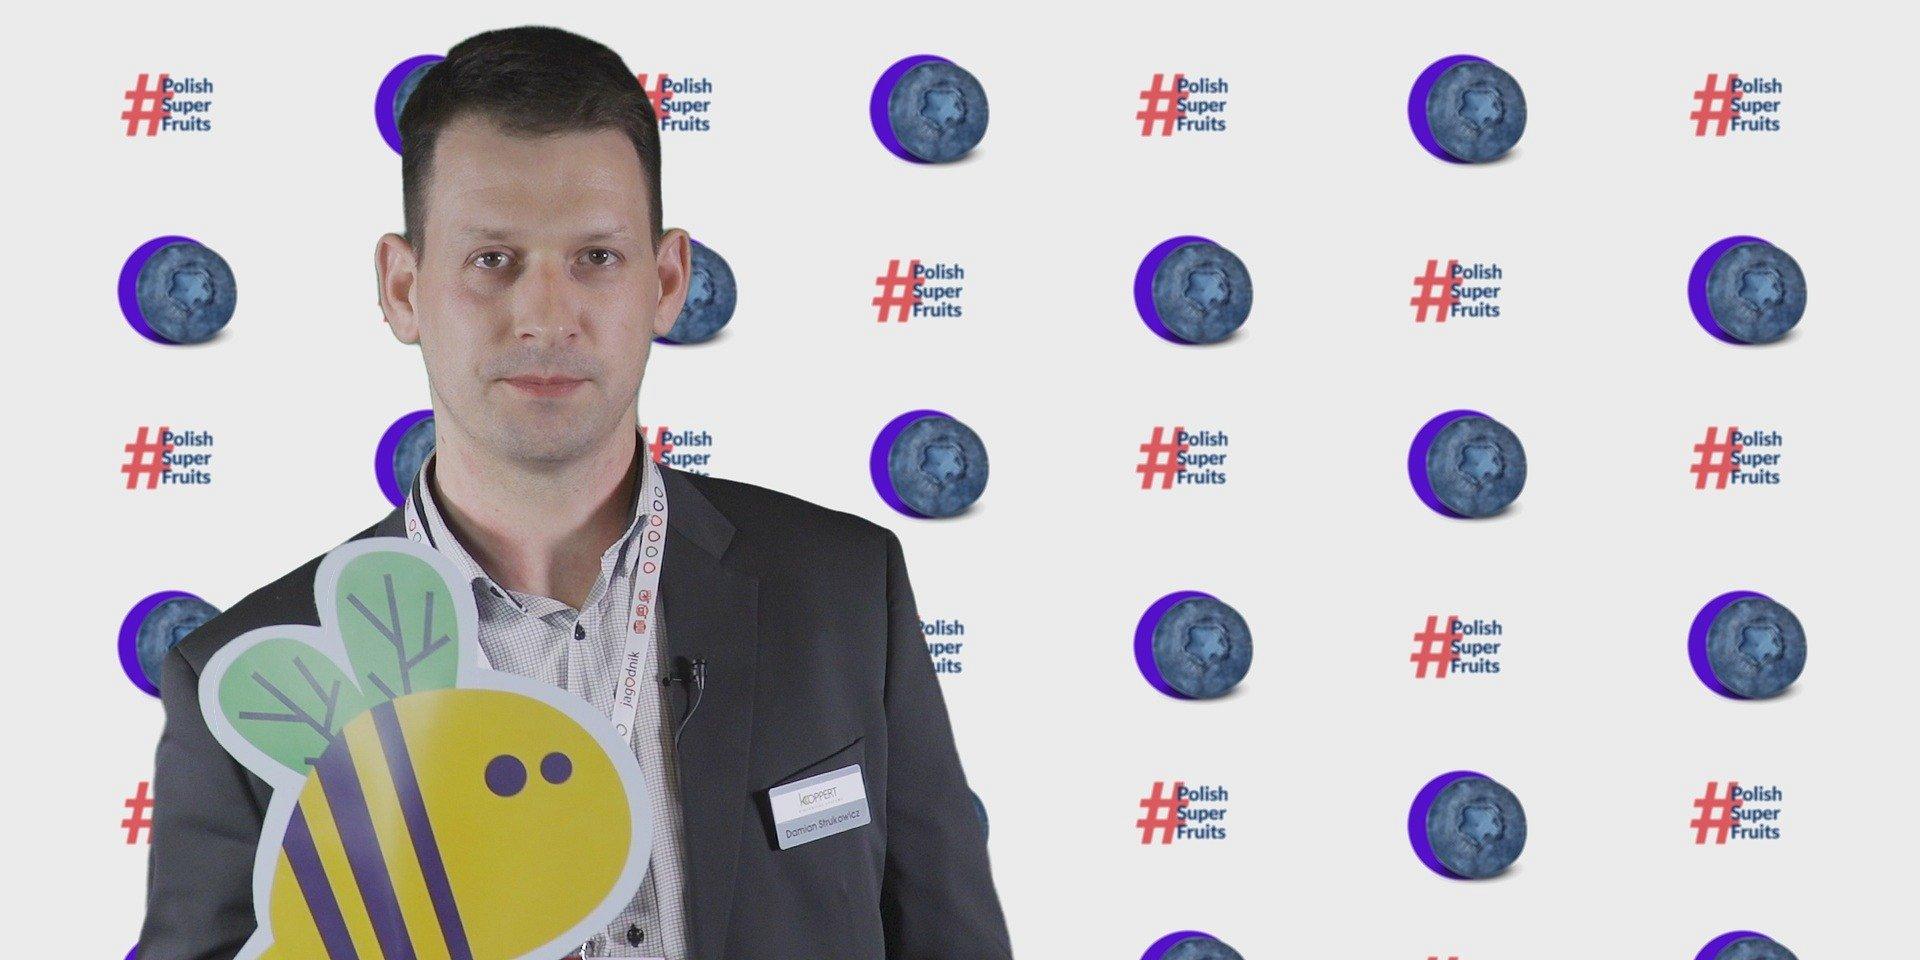 Superowoce: integracja plantatorów ułatwia edukacje konsumentów (wideo)